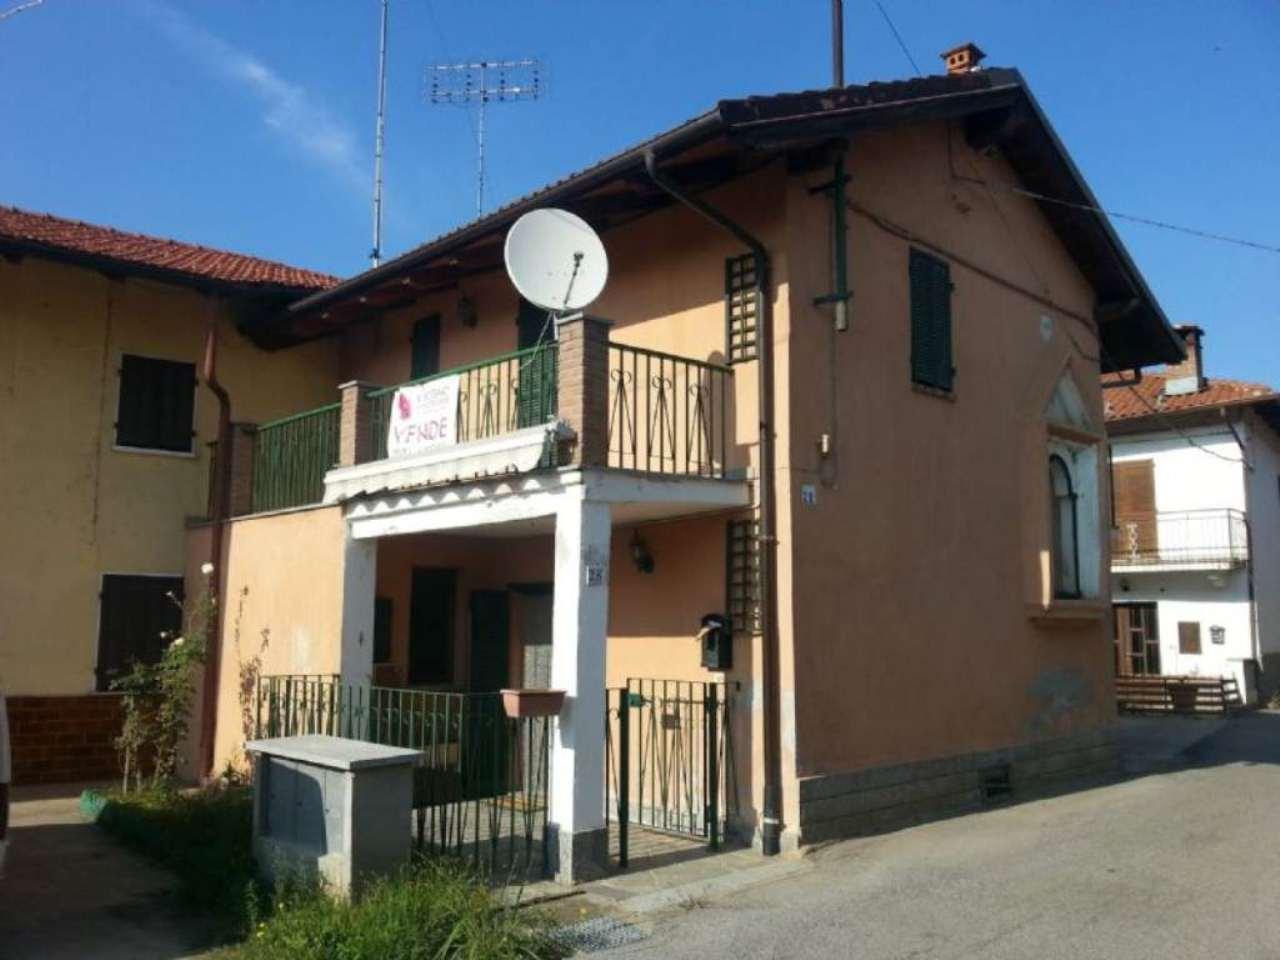 Soluzione Indipendente in vendita a Cuneo, 3 locali, prezzo € 95.000 | Cambio Casa.it